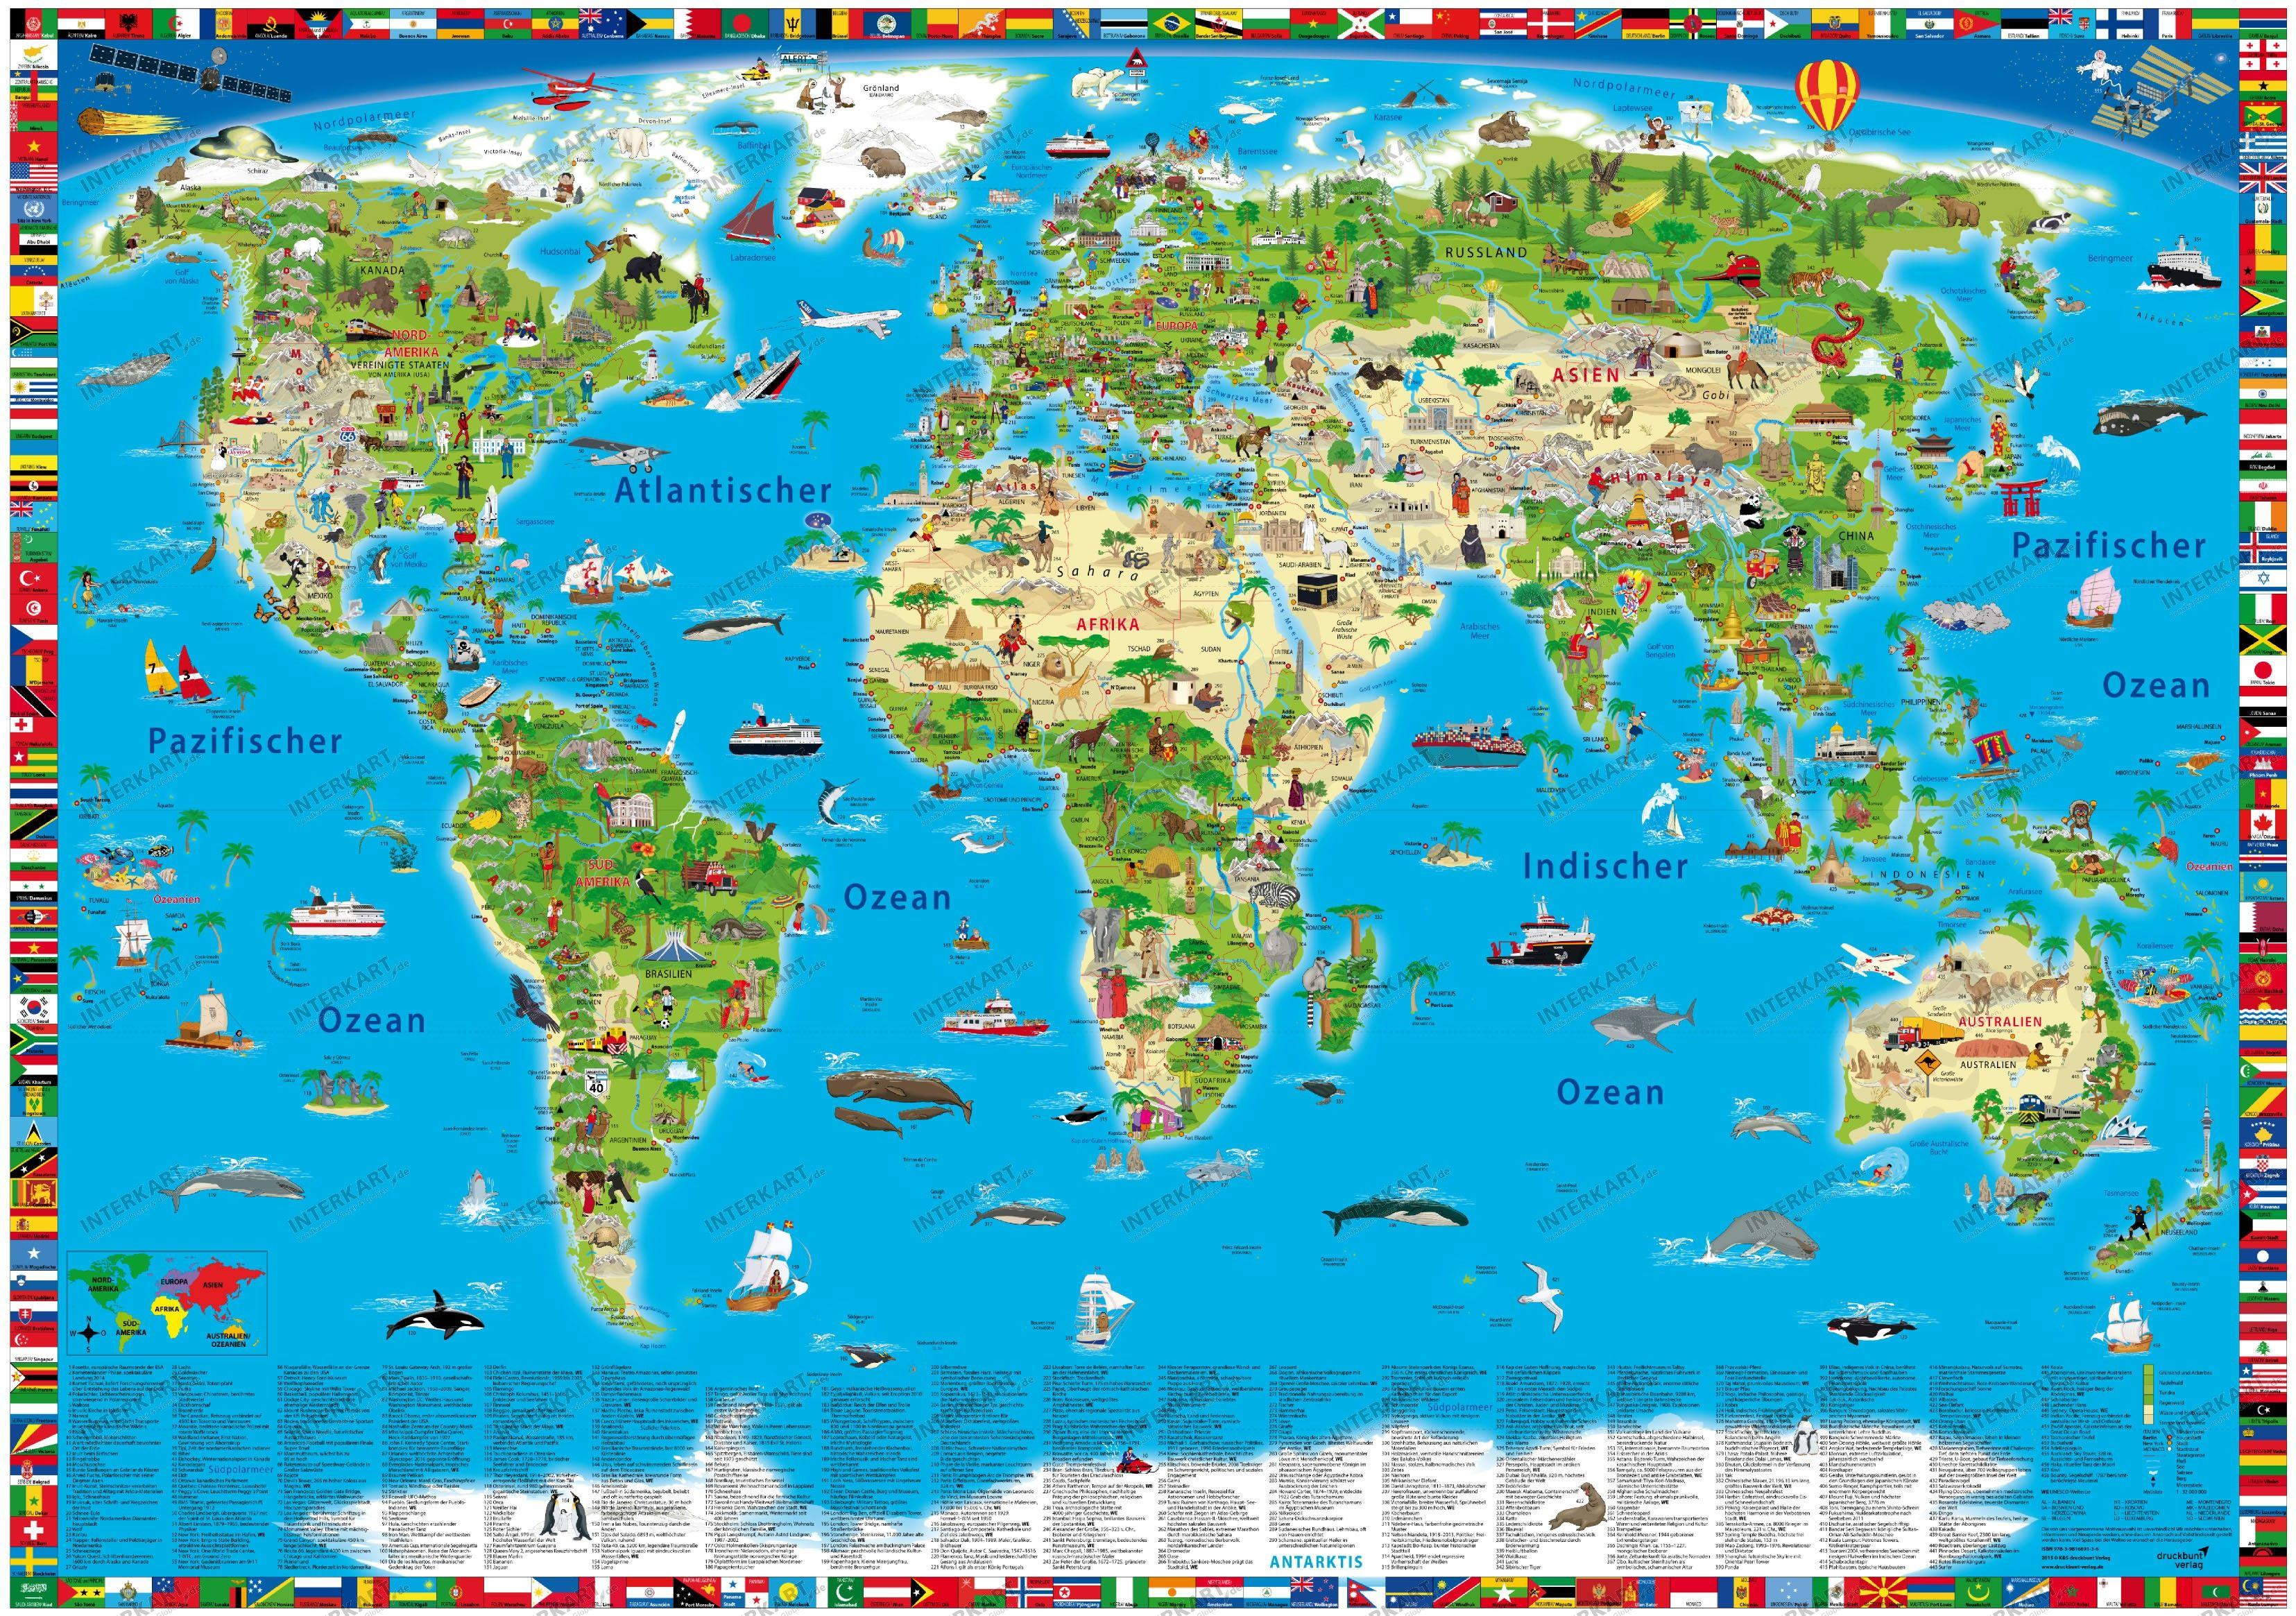 خريطة العالم كامله خريطة العالم